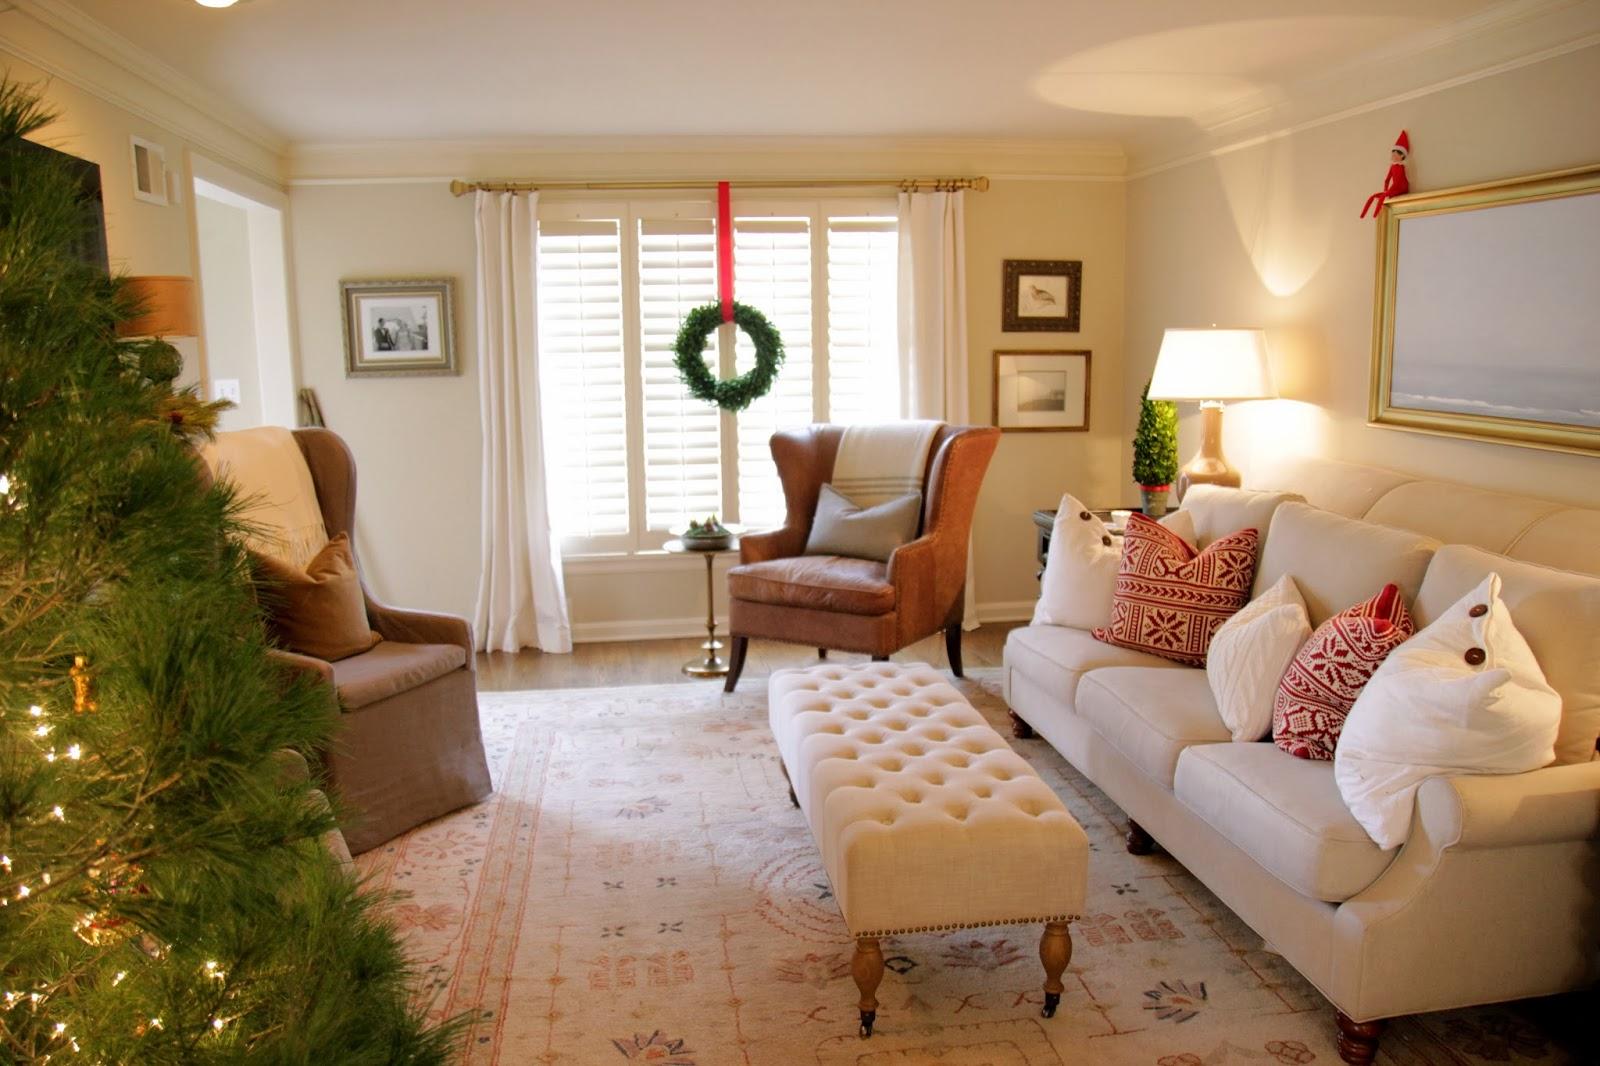 Jenny Steffens Hobick My House On 11 Magnolia Lane 39 S